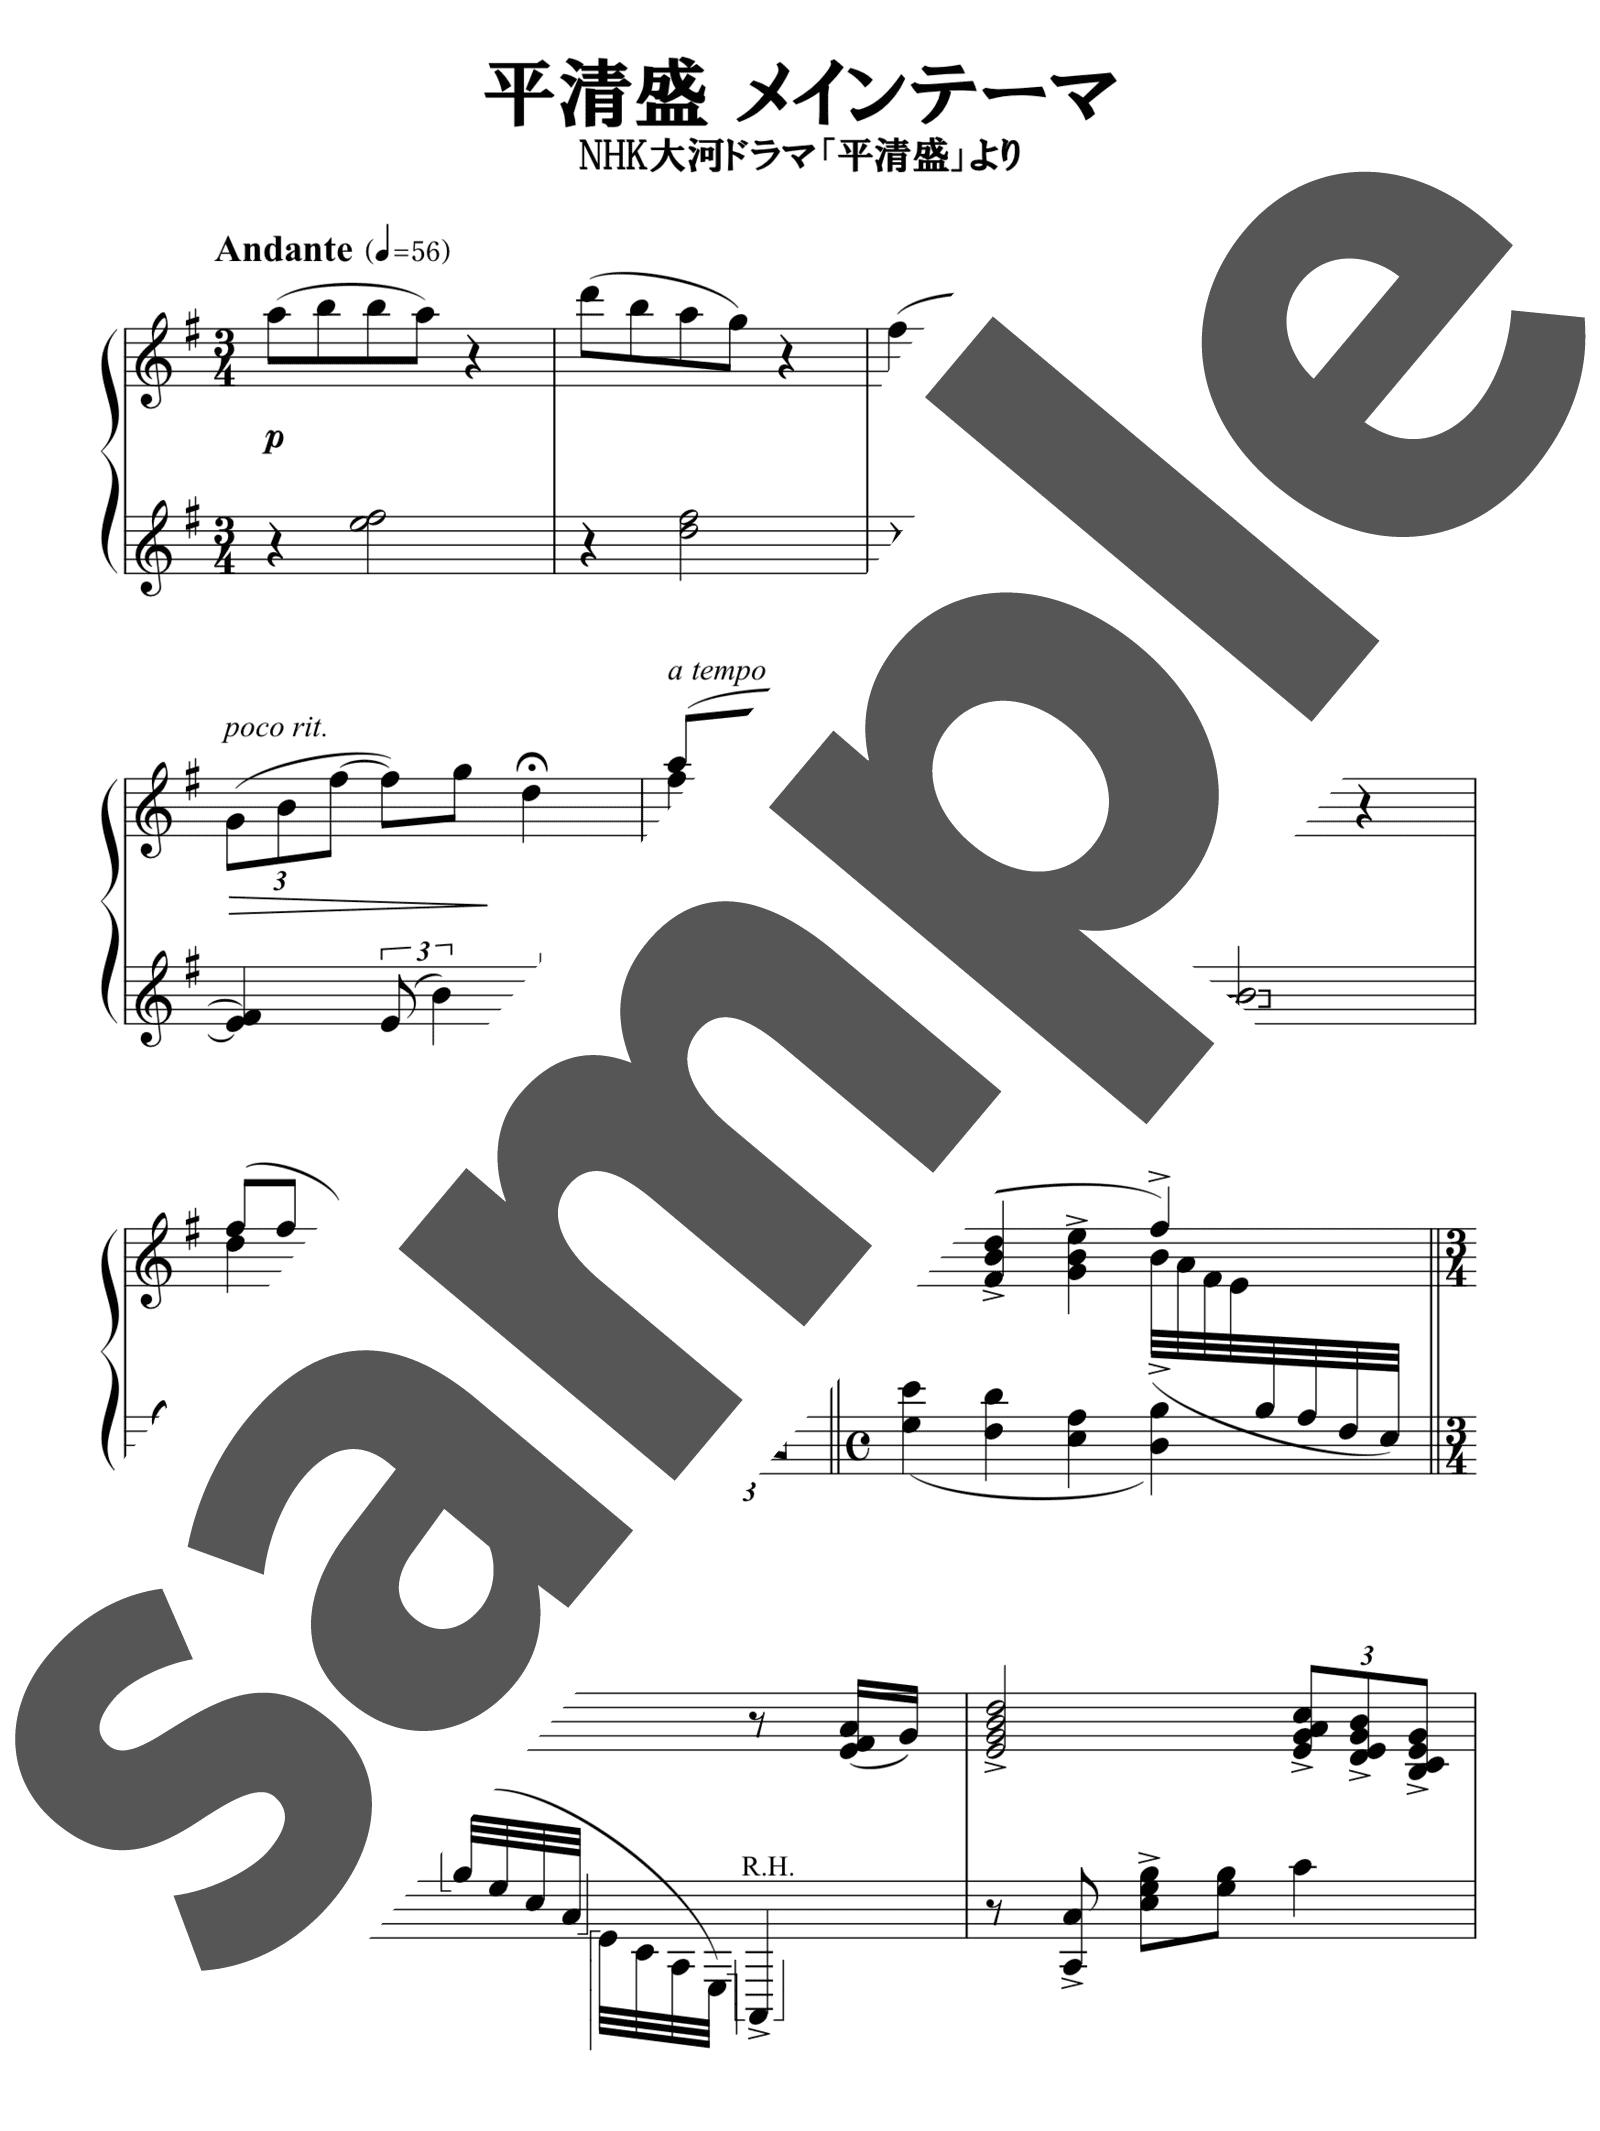 「平清盛 メインテーマ」のサンプル楽譜